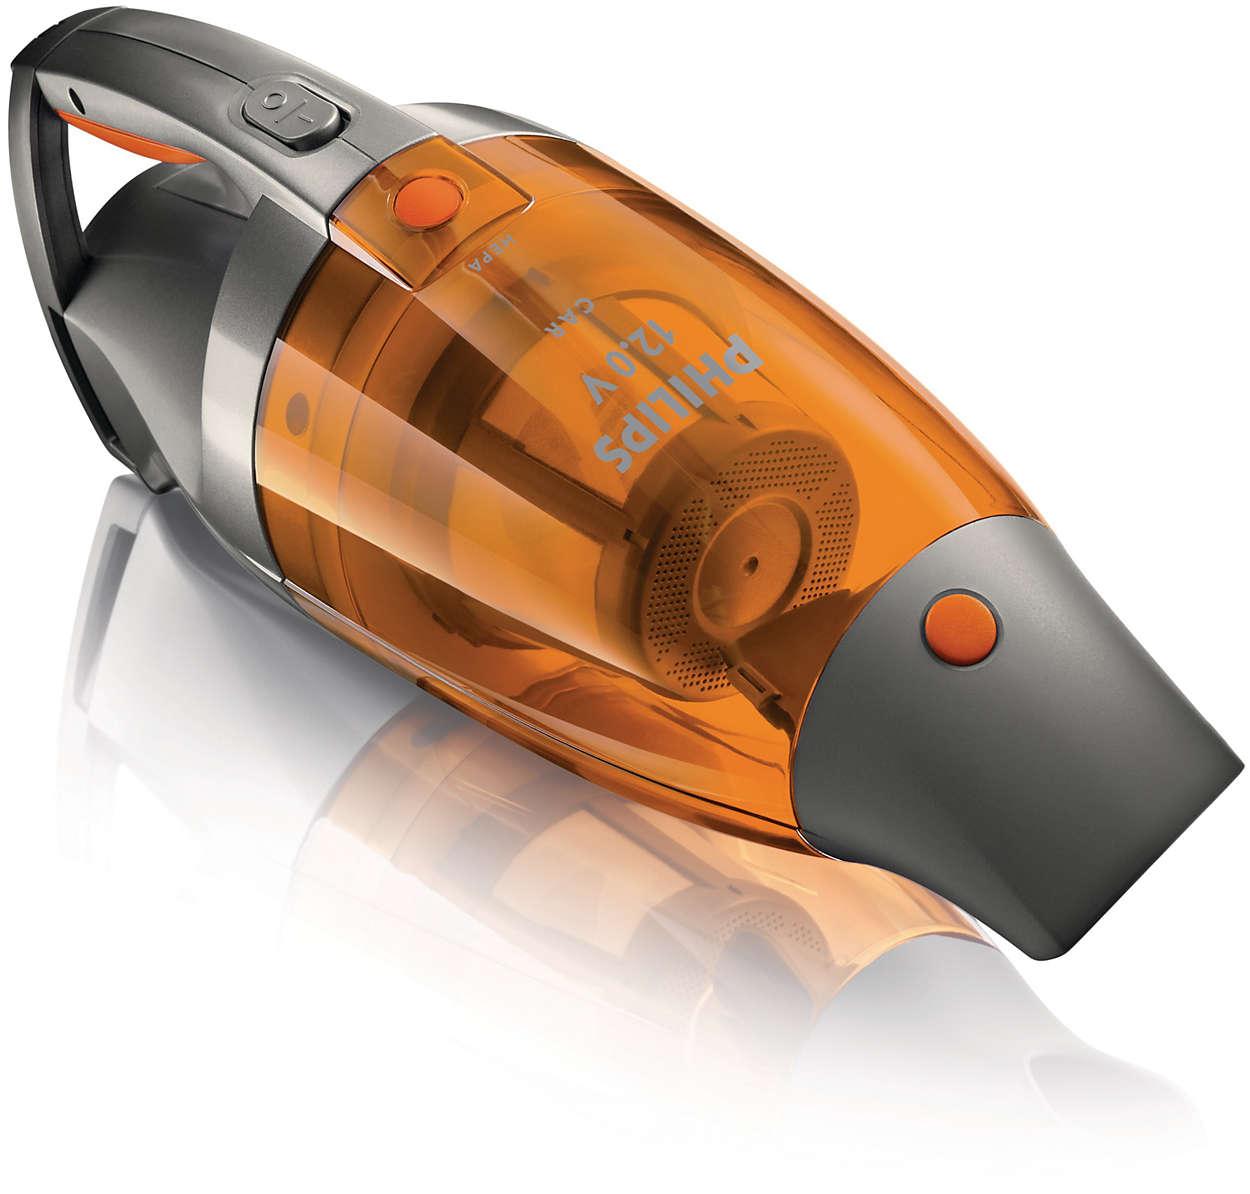 MiniVac Handheld Vacuum Cleaner FC6093 01